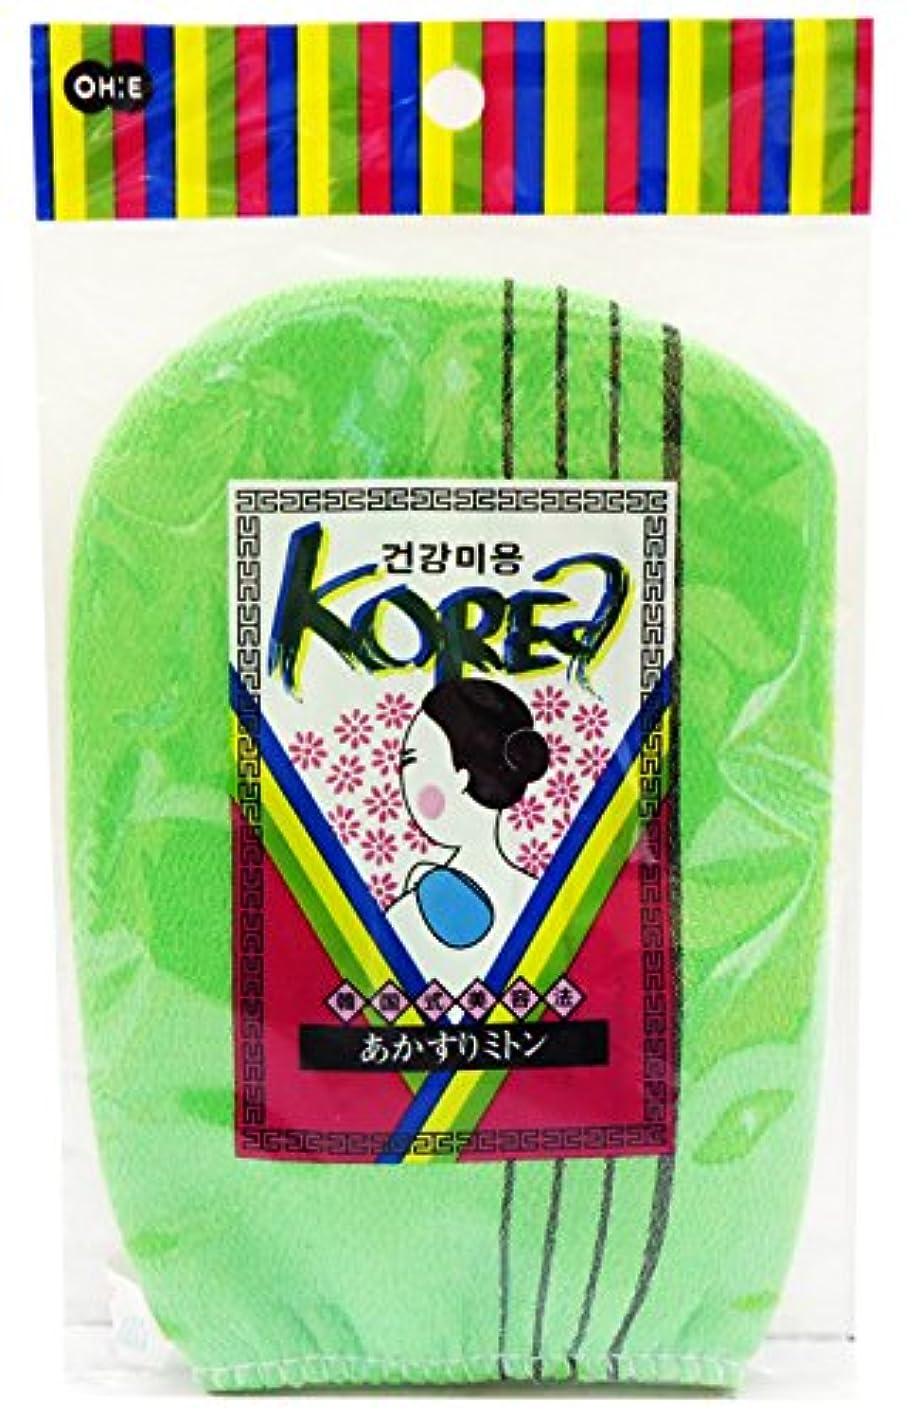 懇願するすることになっている始めるオーエ ボディタオル グリーン 約縦18×横13cm 韓国式 あかすり ミトン 角質とり